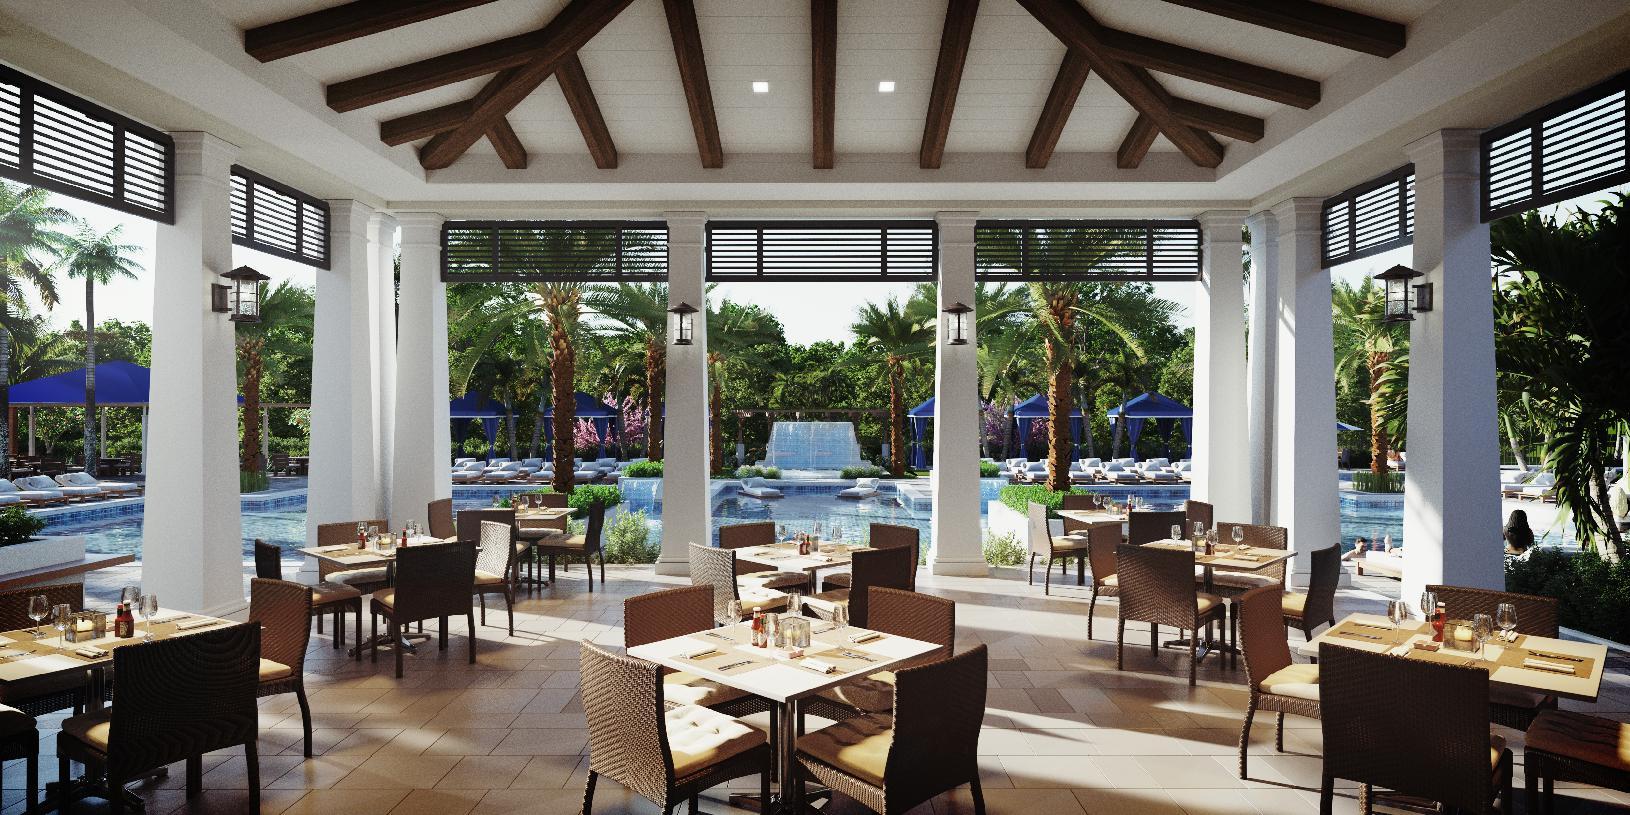 Enjoy outdoor dining at Avenir's future cafe